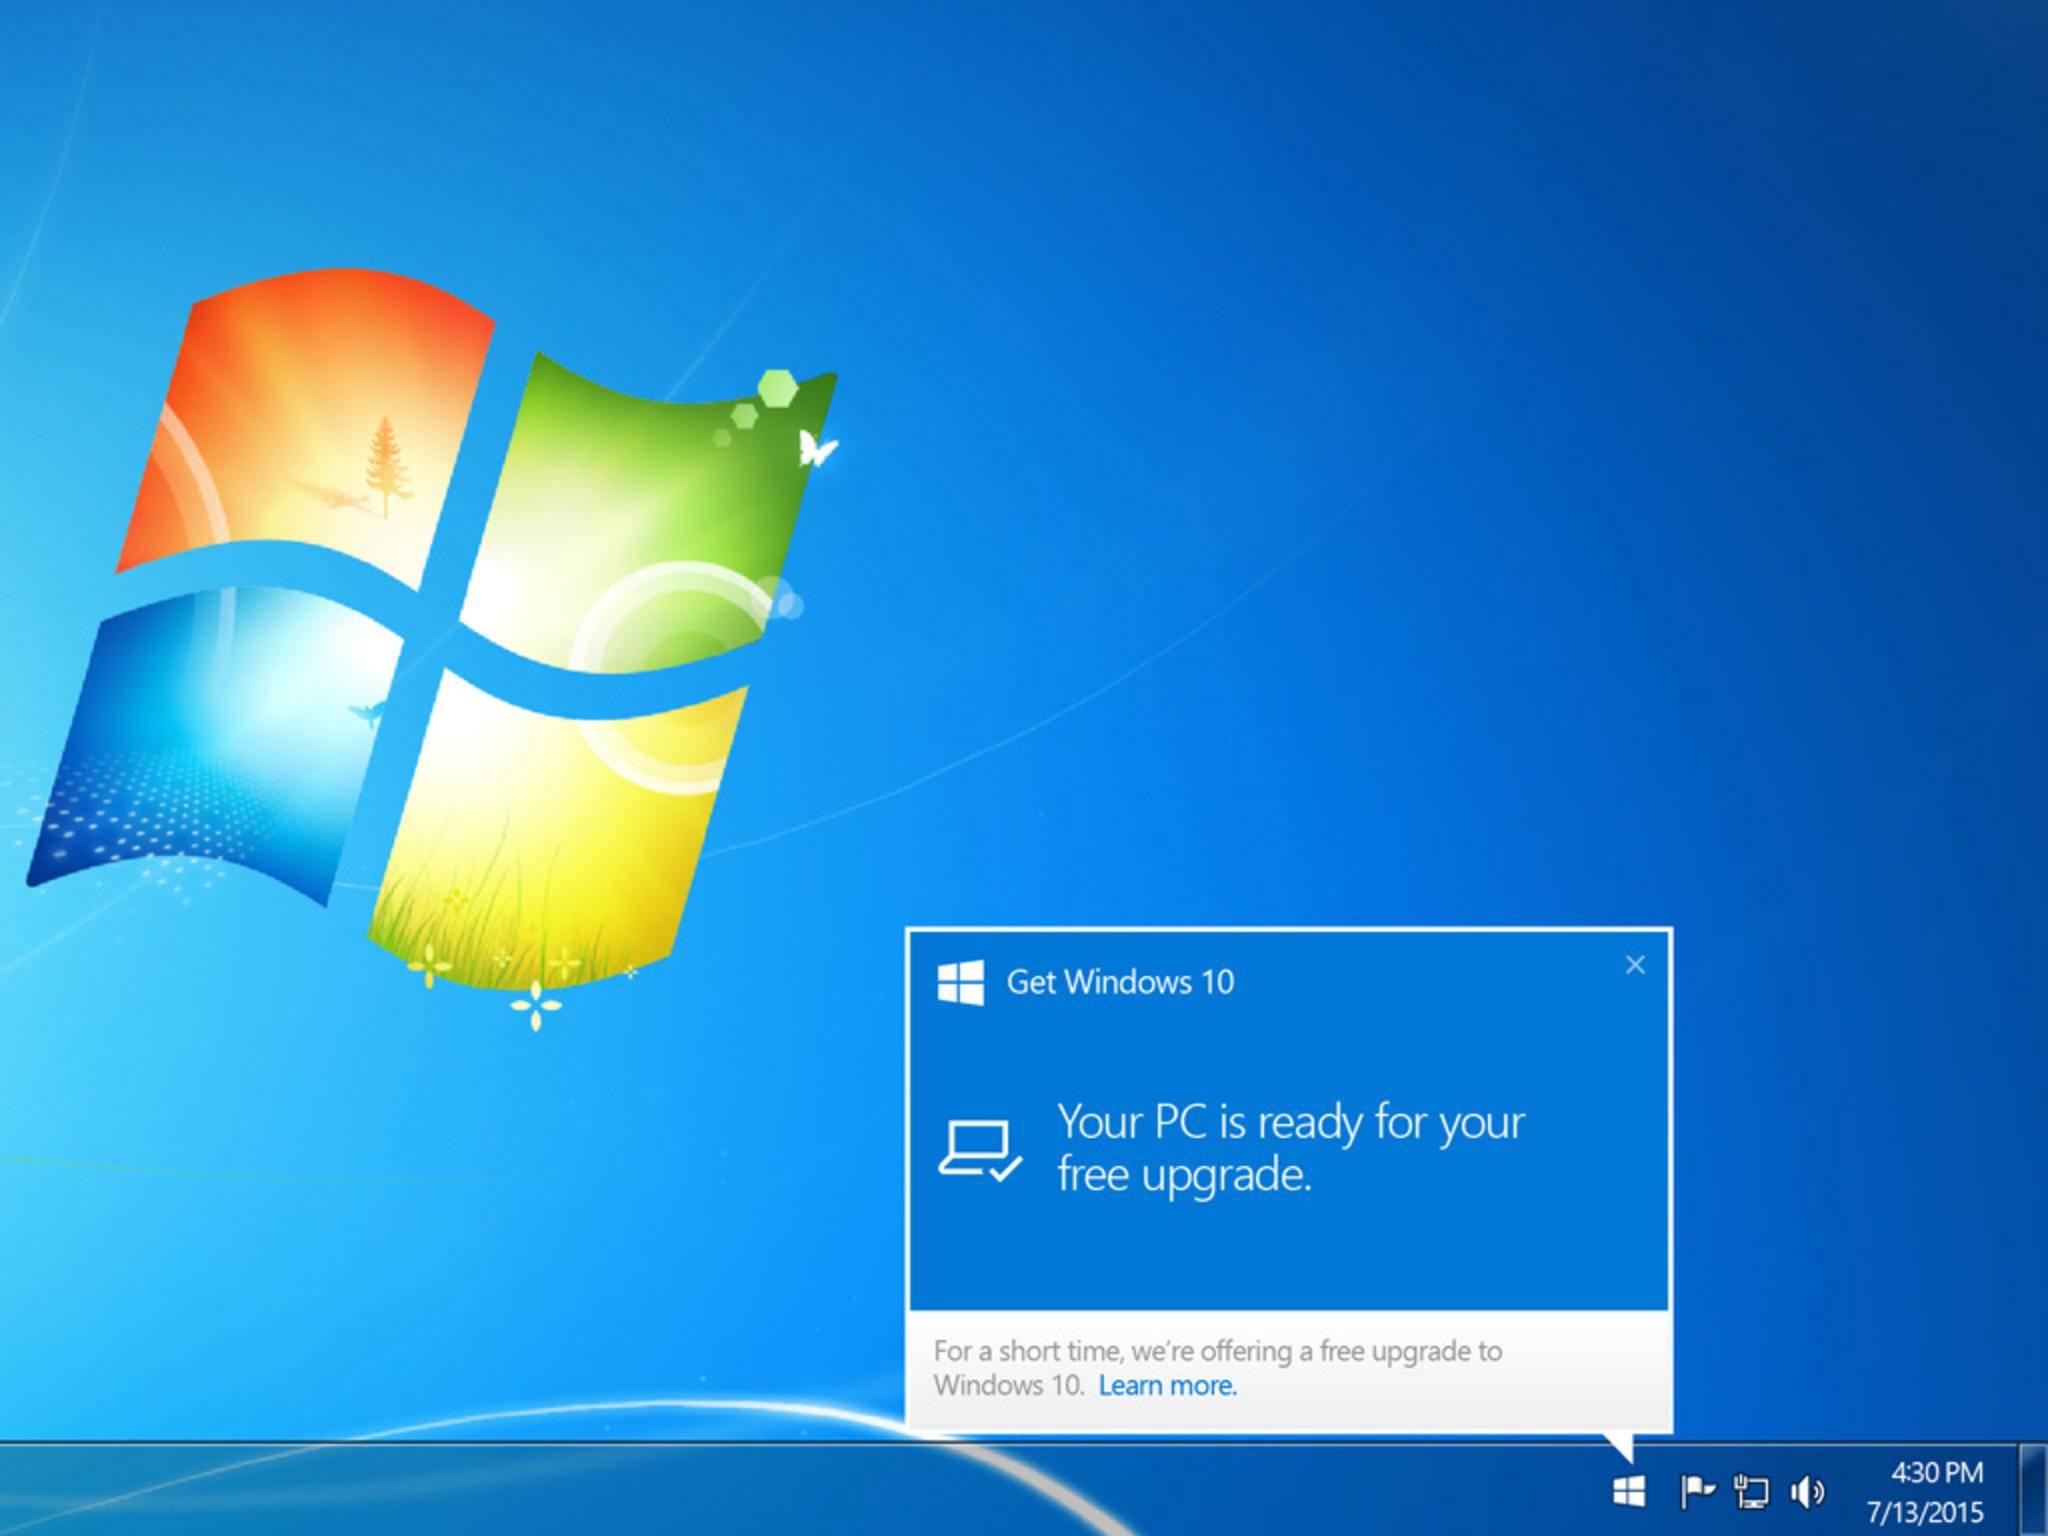 Mögliche Fehlerquelle: Der schnelle Klick auf das Windows 10-Popup.